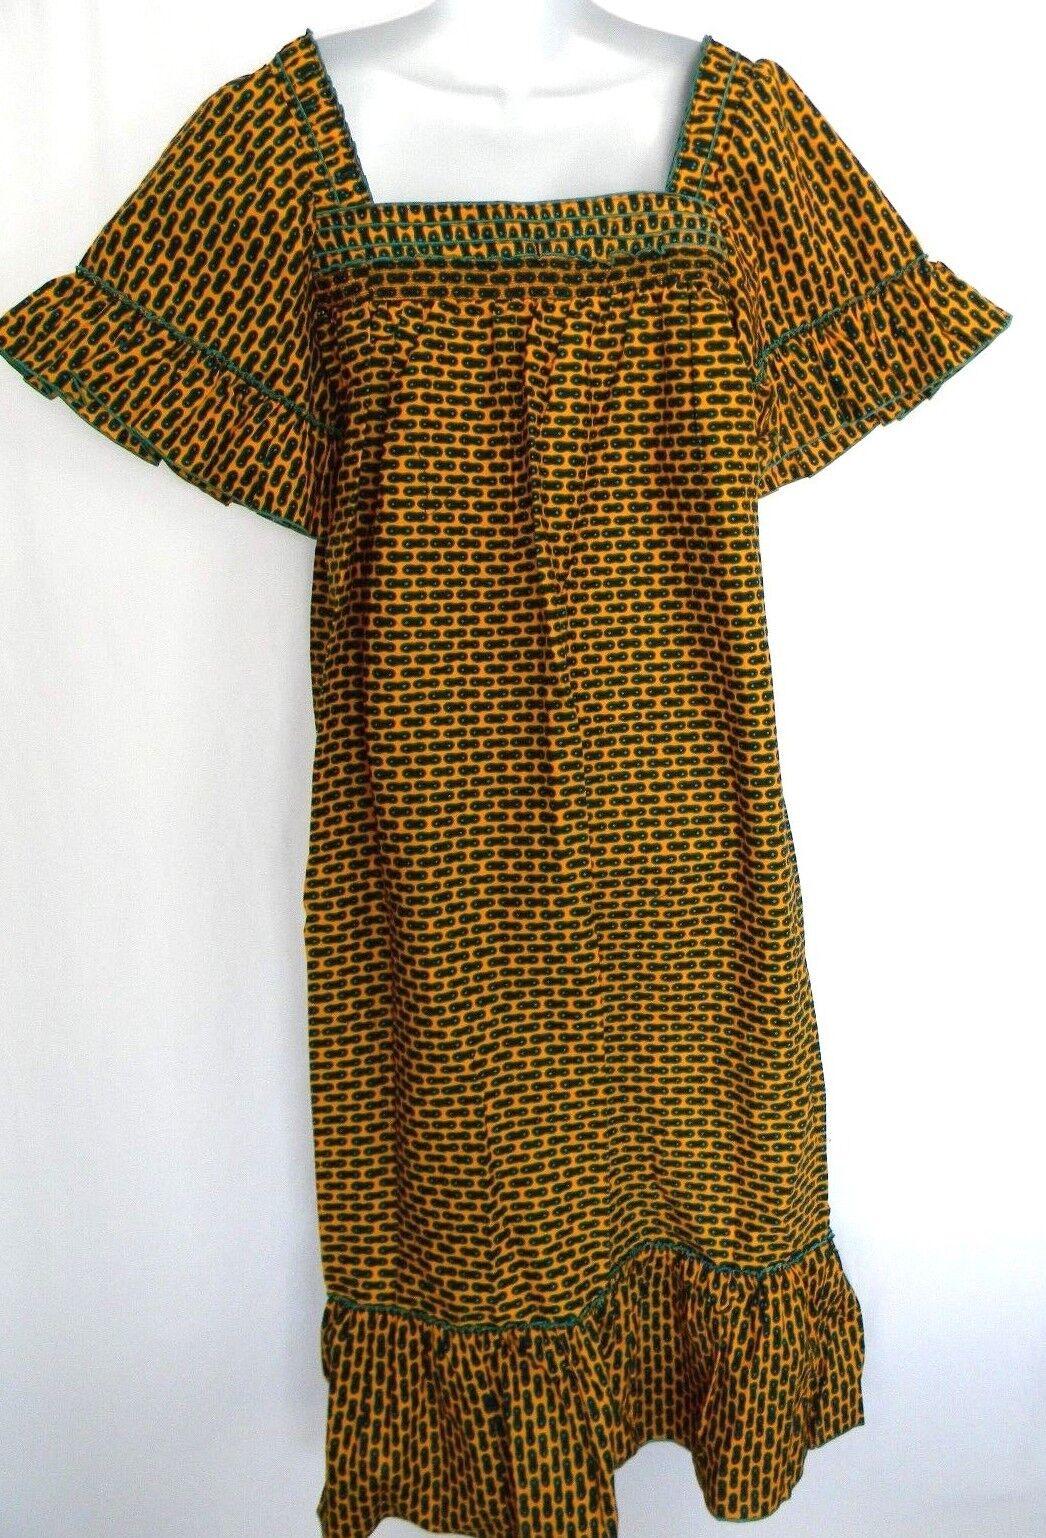 African Wax Größe L Maxi Dress Details Square Neckline damen Dashiki Ankara Dress